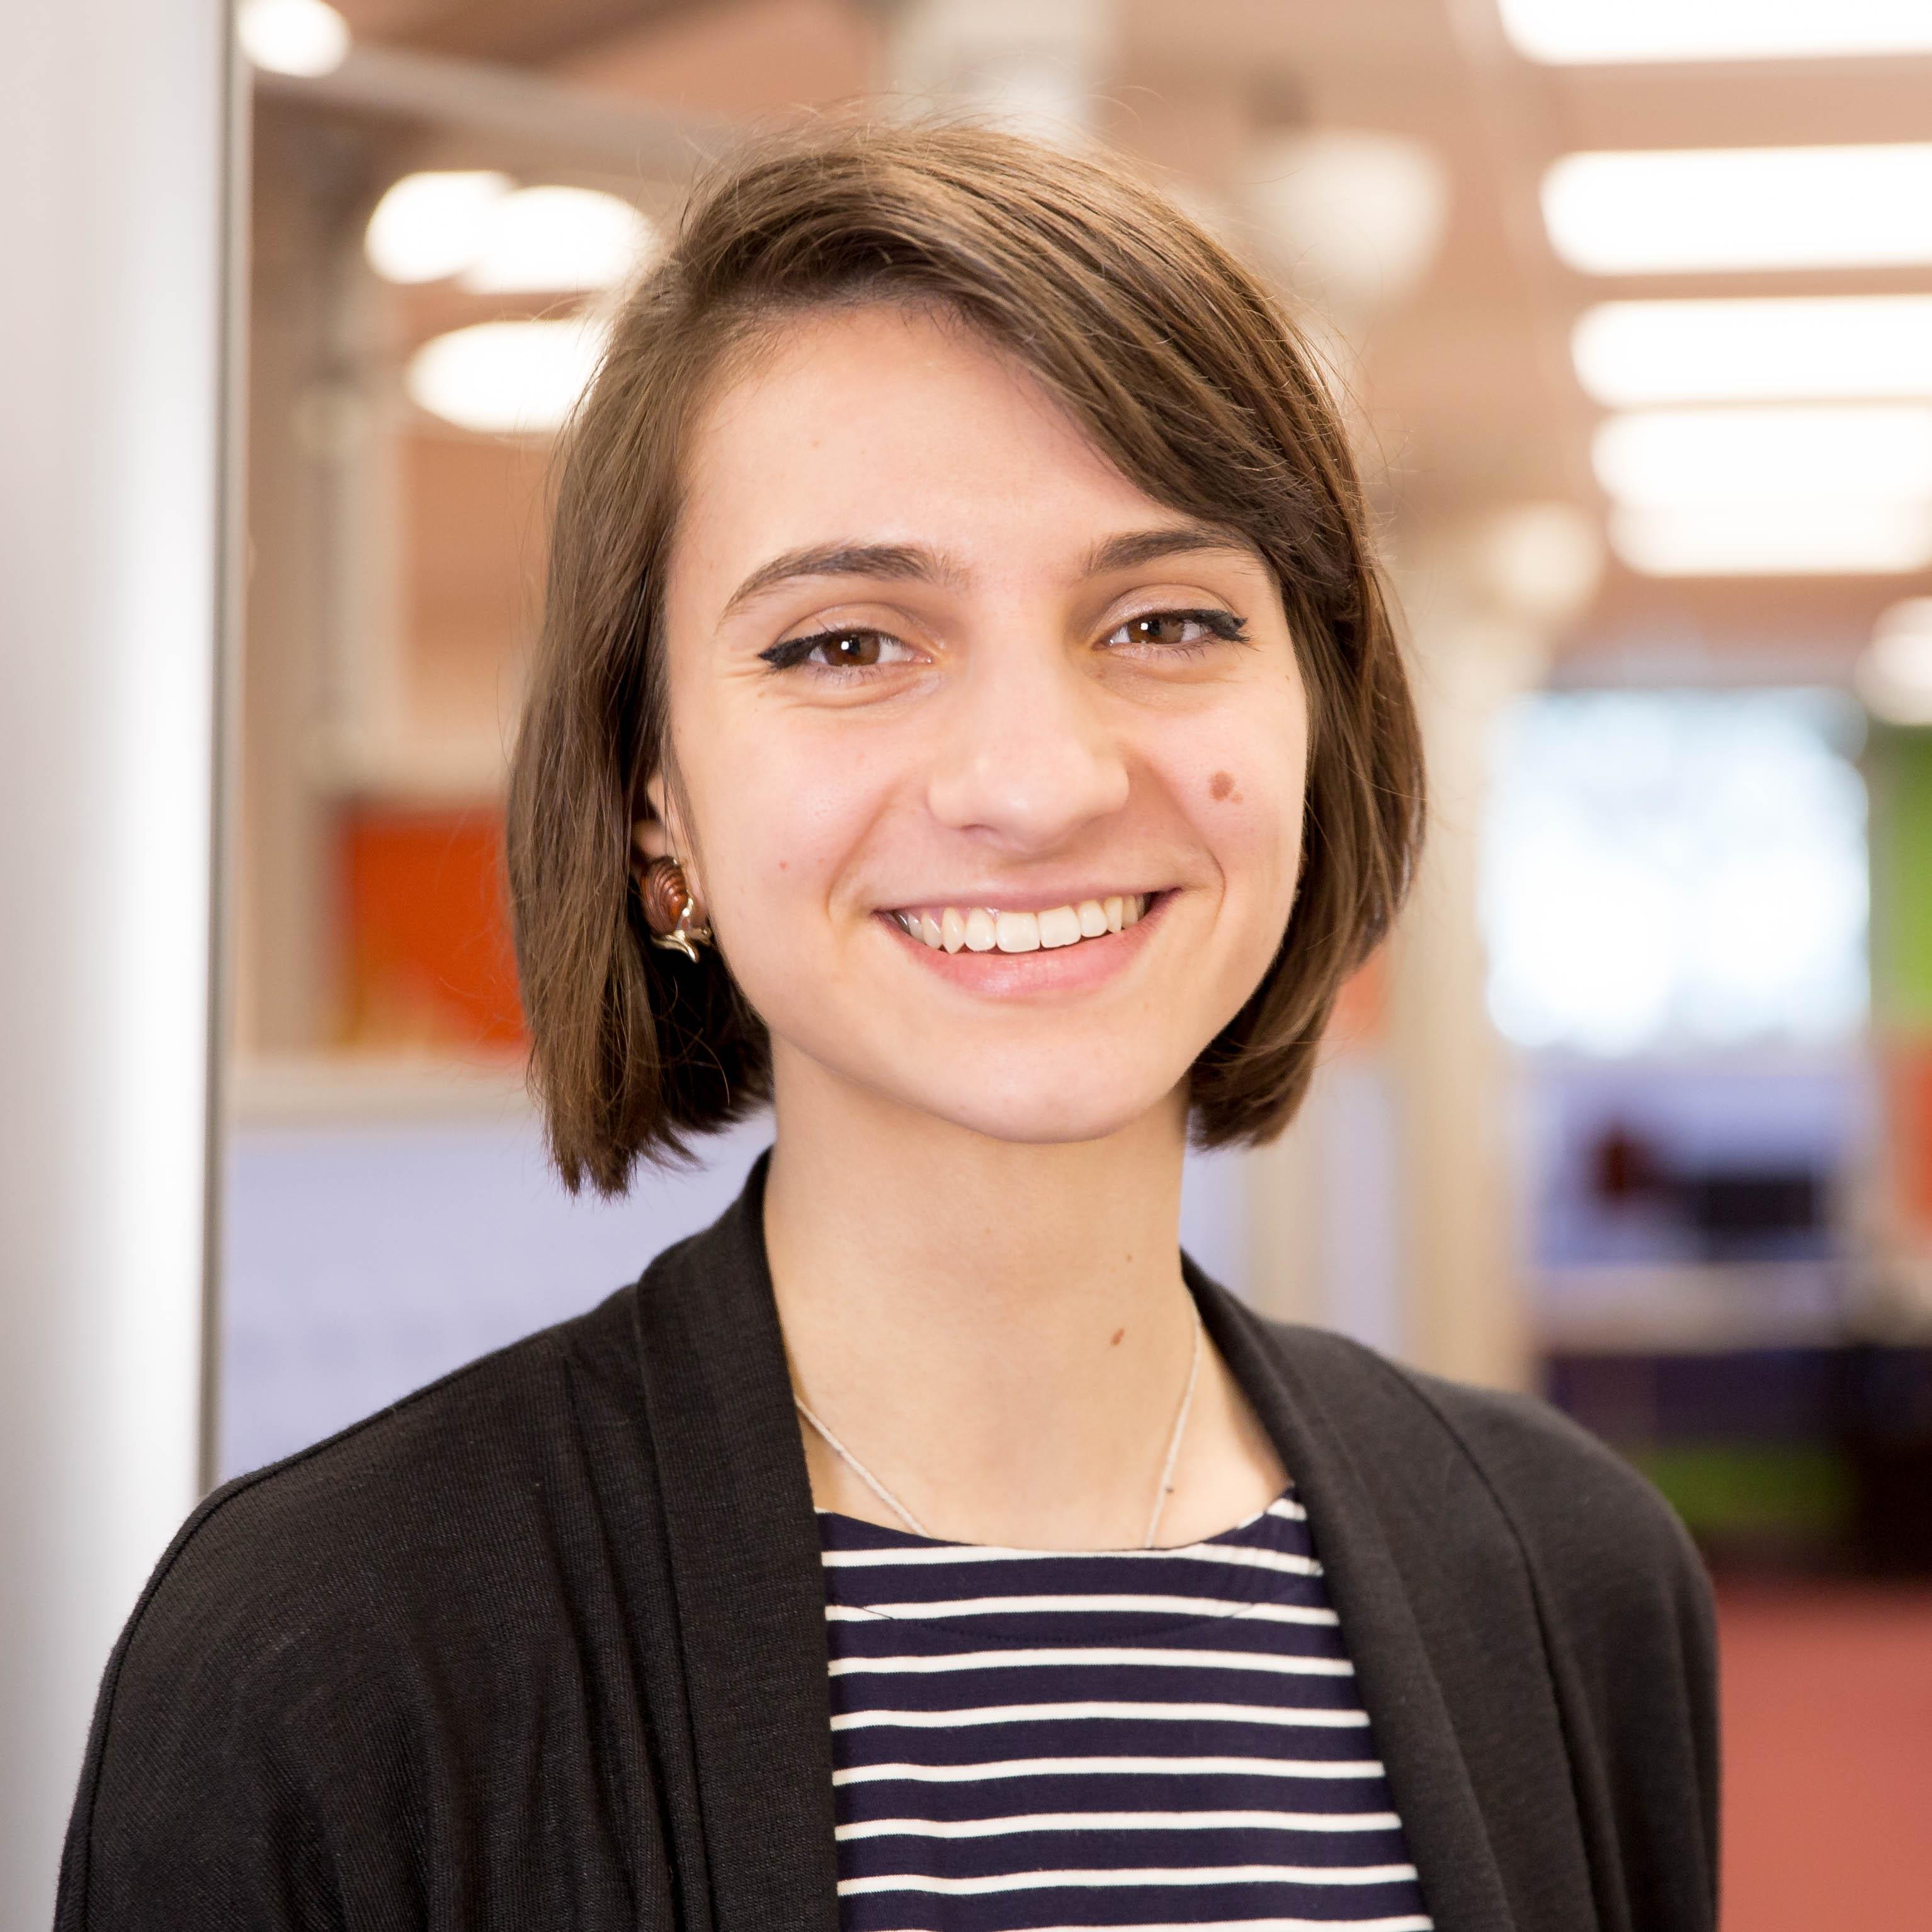 Milyana Dolashka